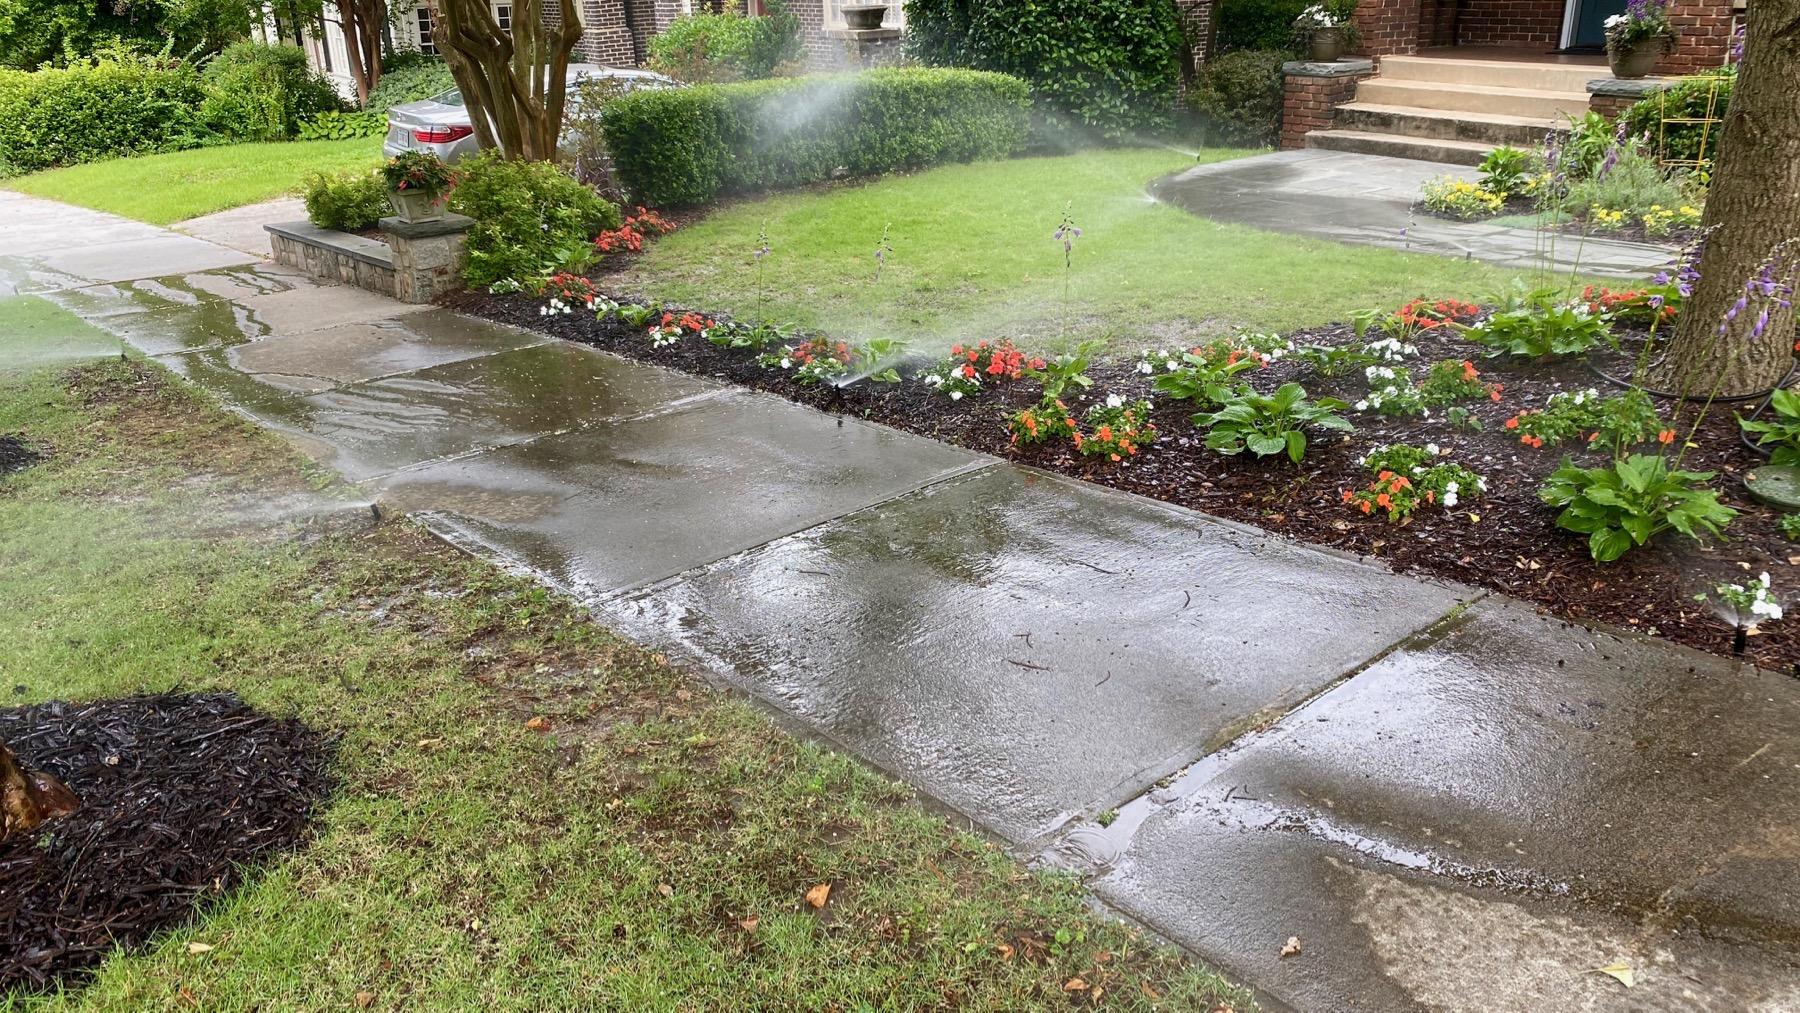 Sidewalk watering